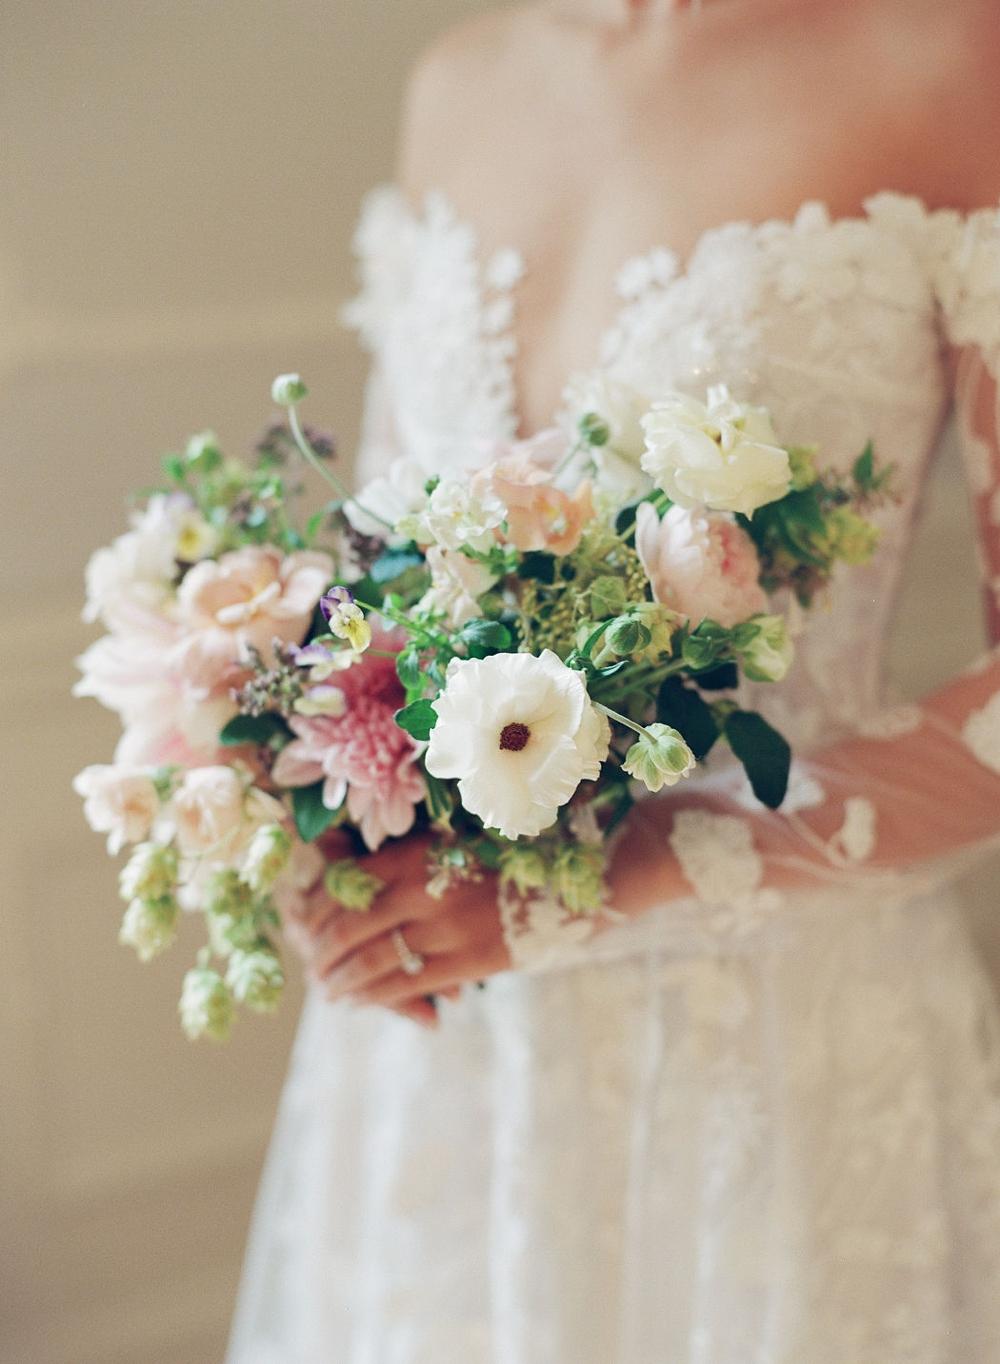 Bride with wedding boquet